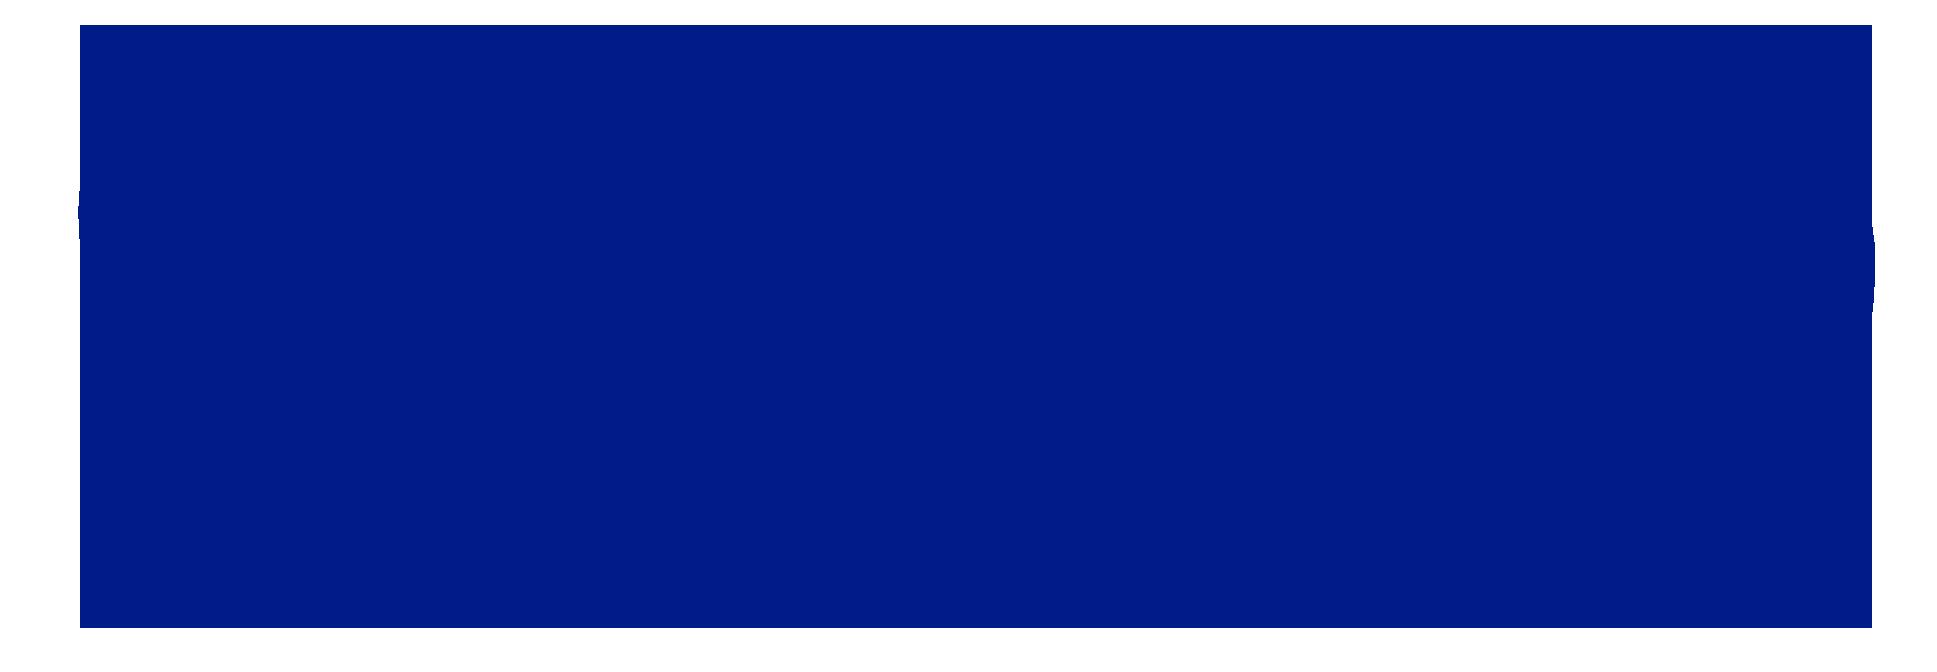 ladd_logo